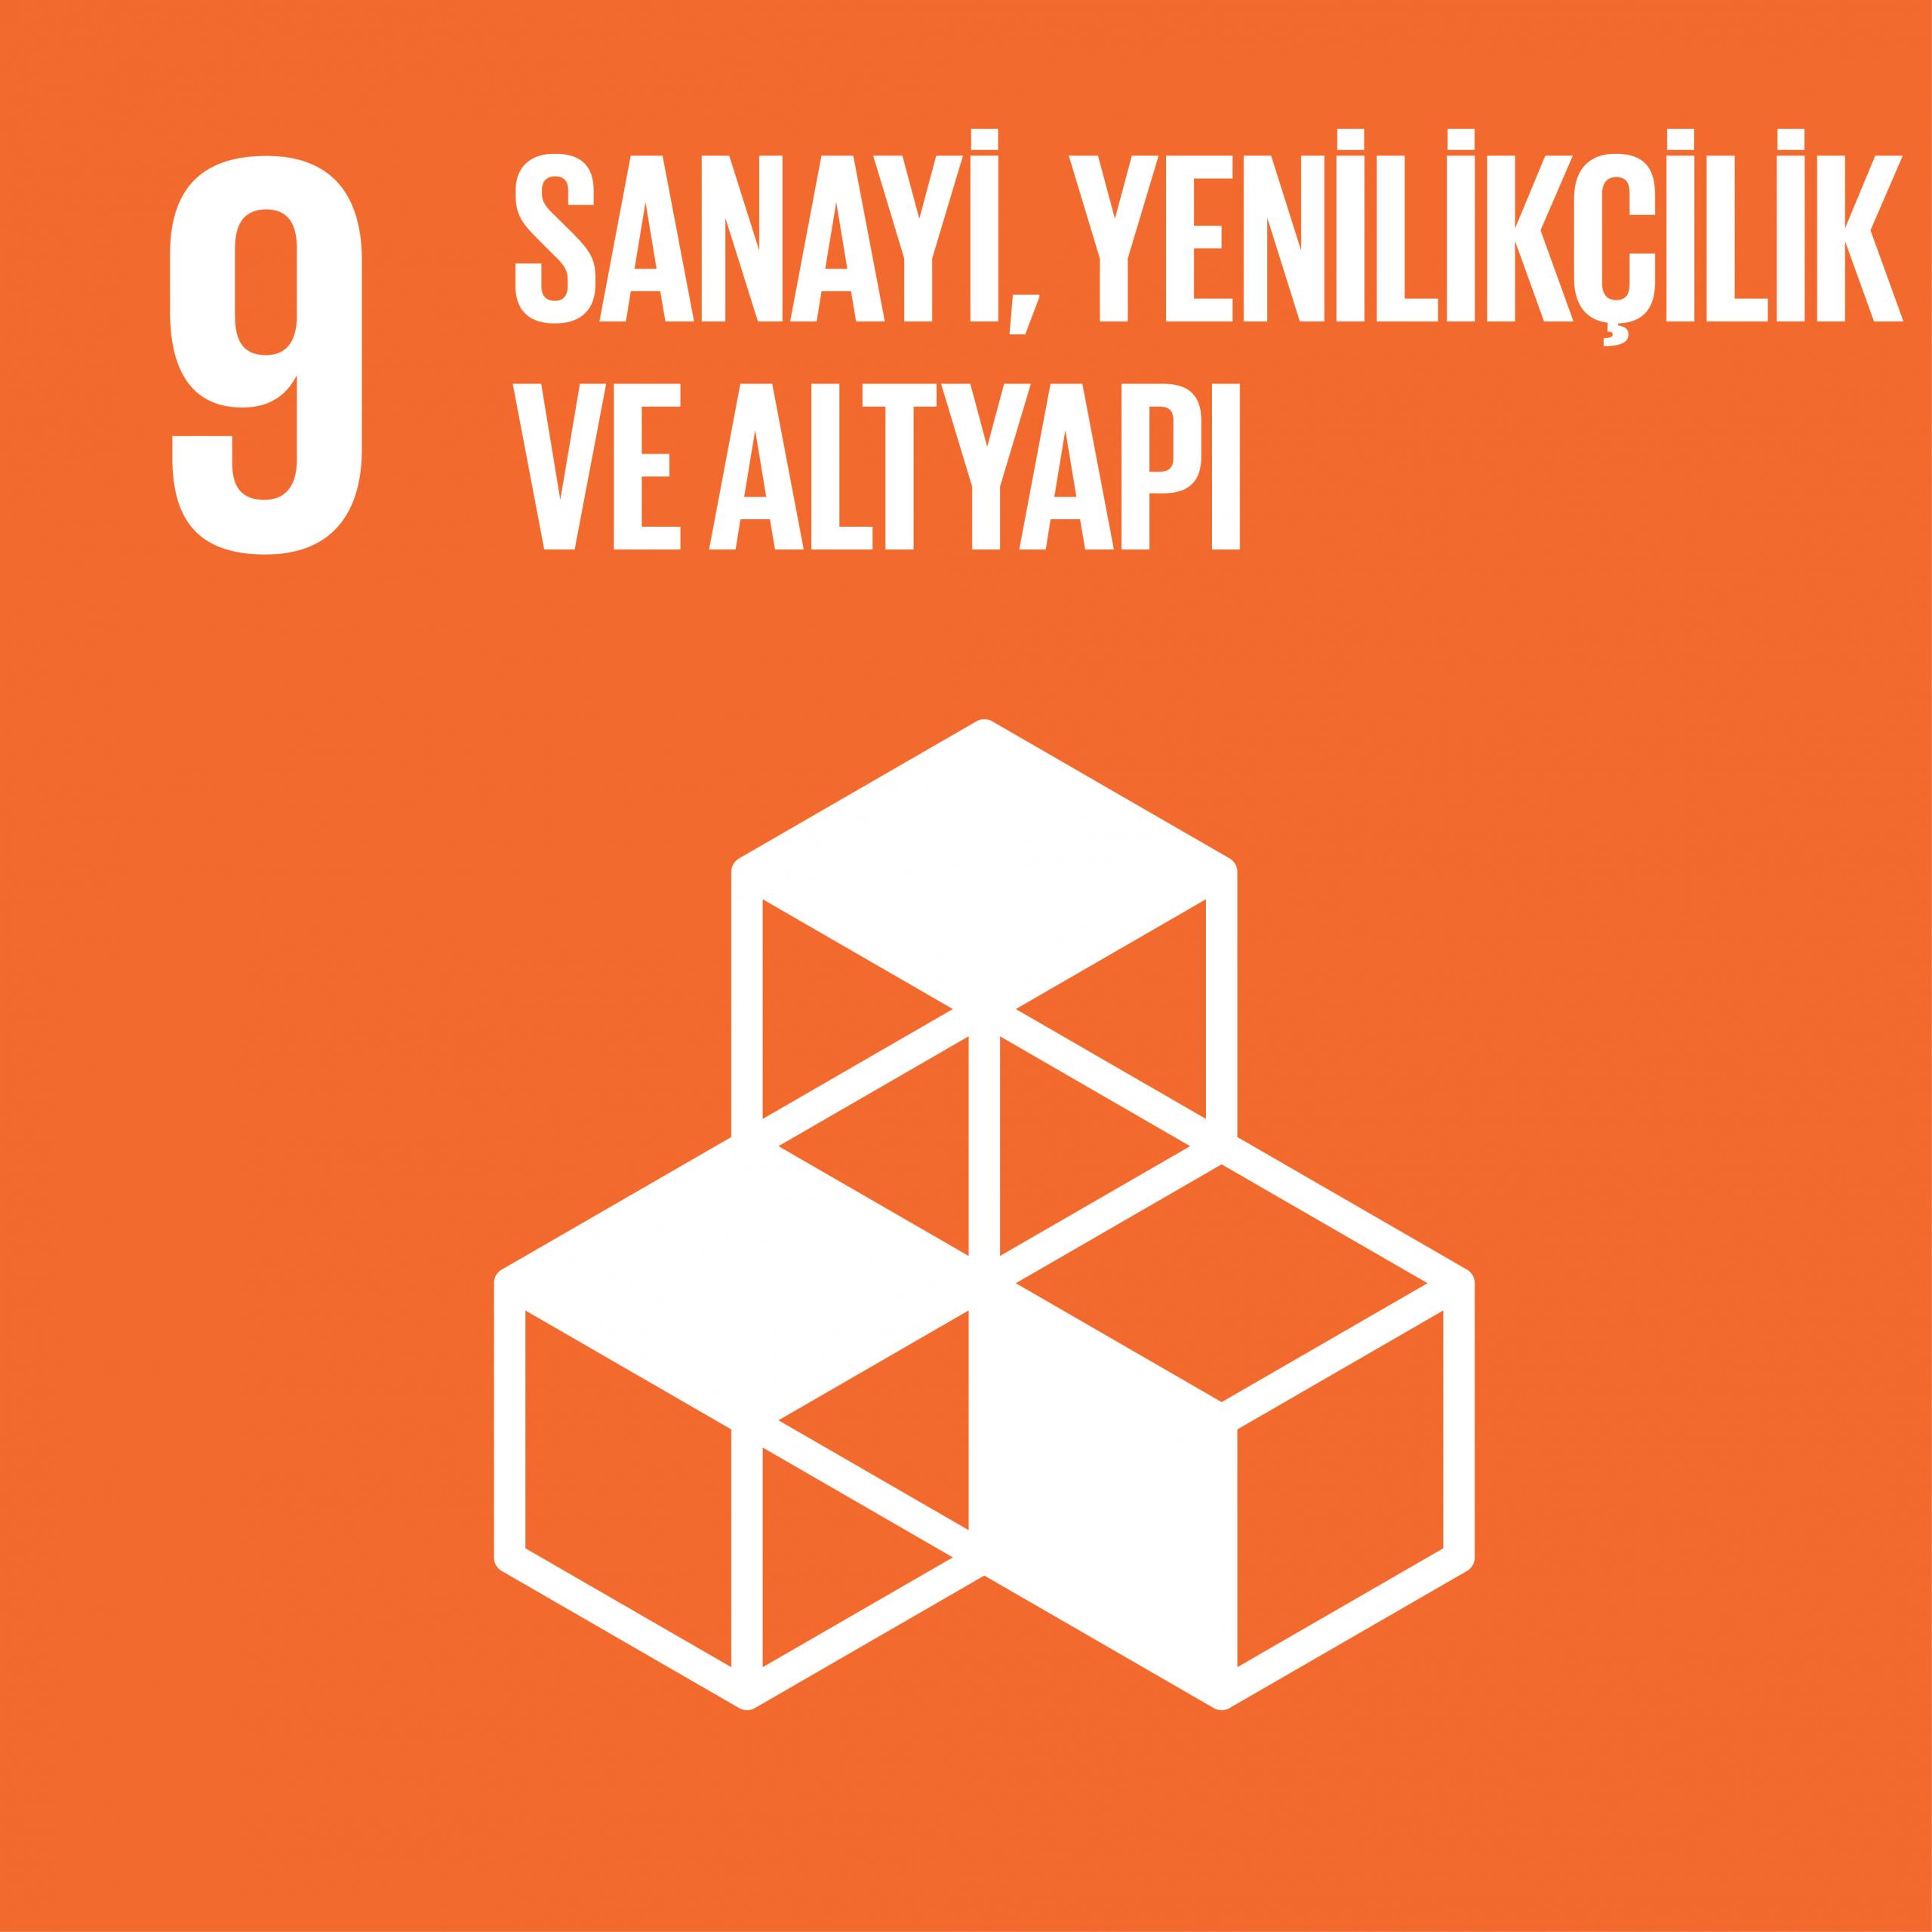 09. Sanayi, Yenilikçilik ve Altyapı